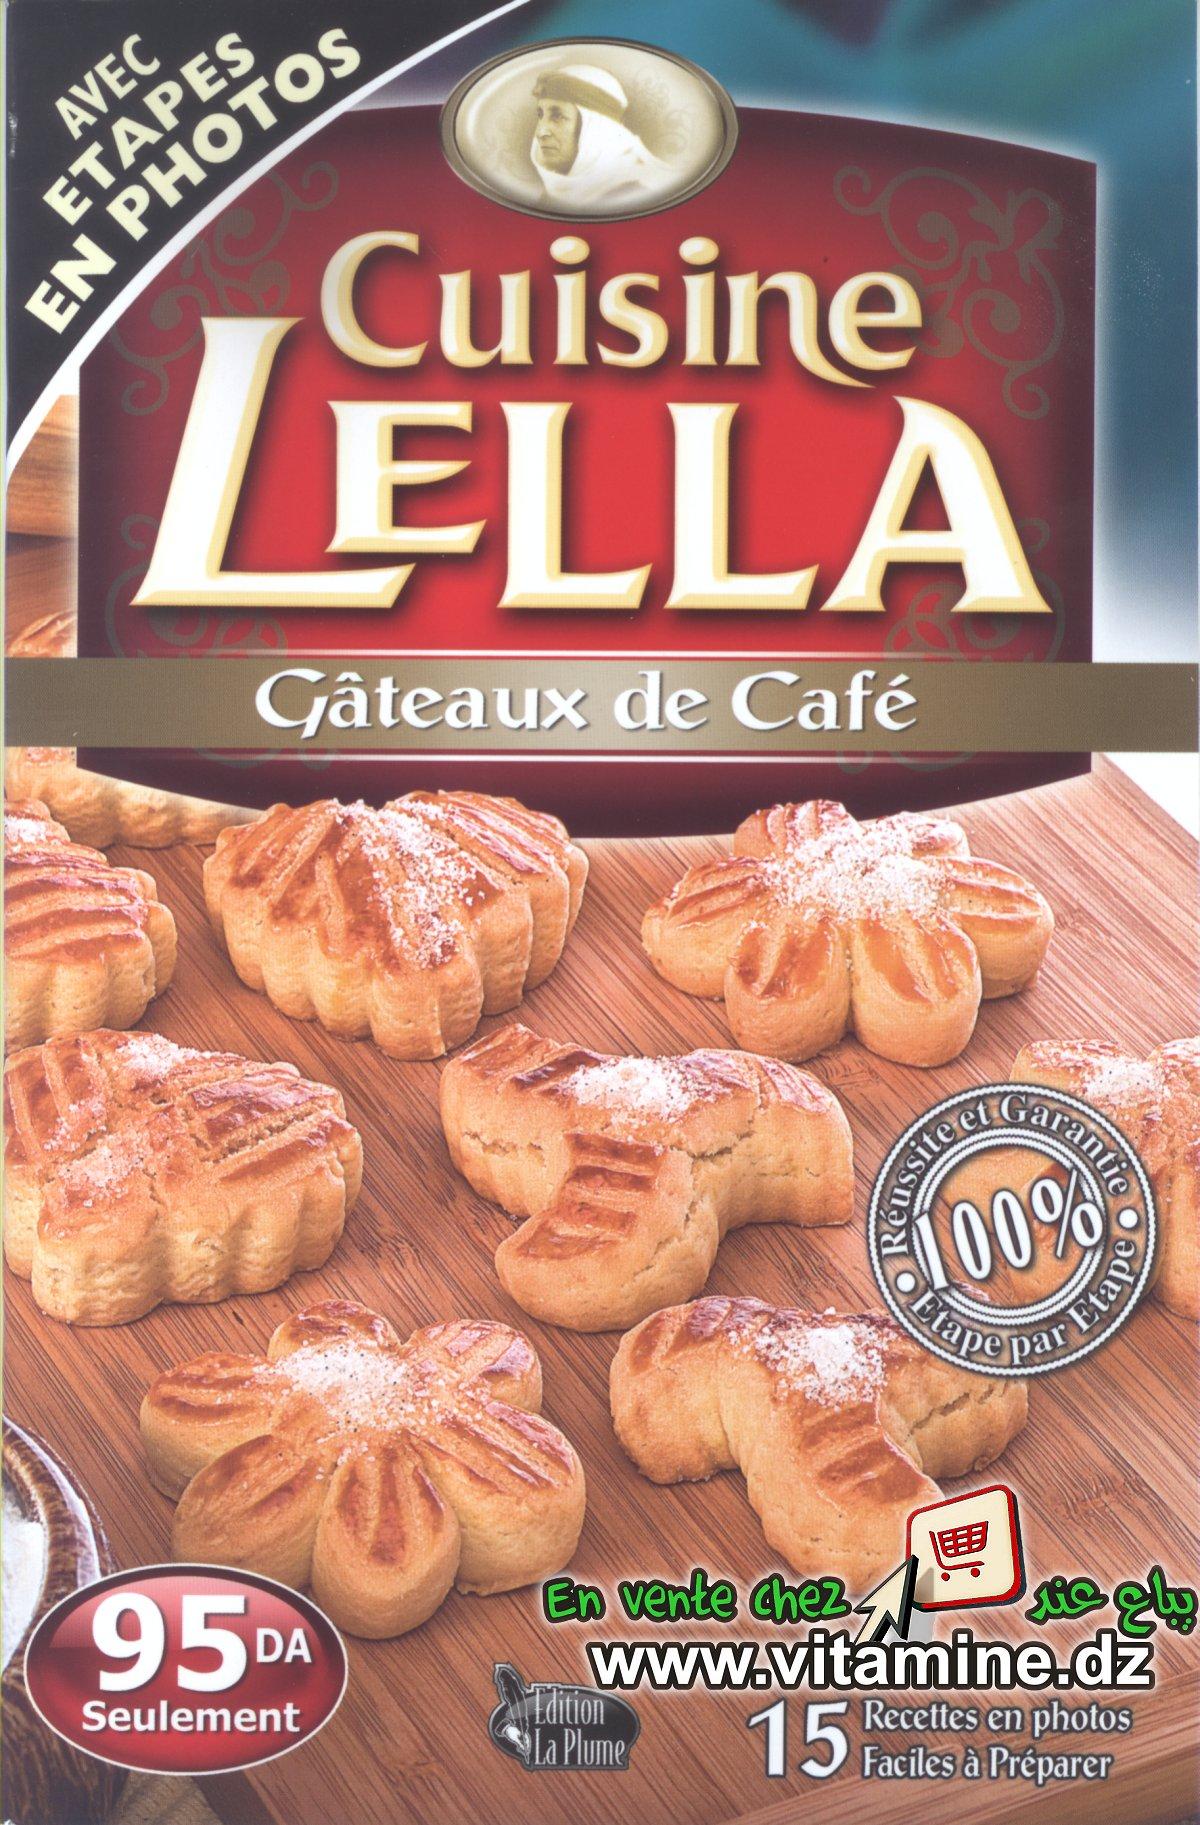 Cuisine Lella - Gâteaux de café